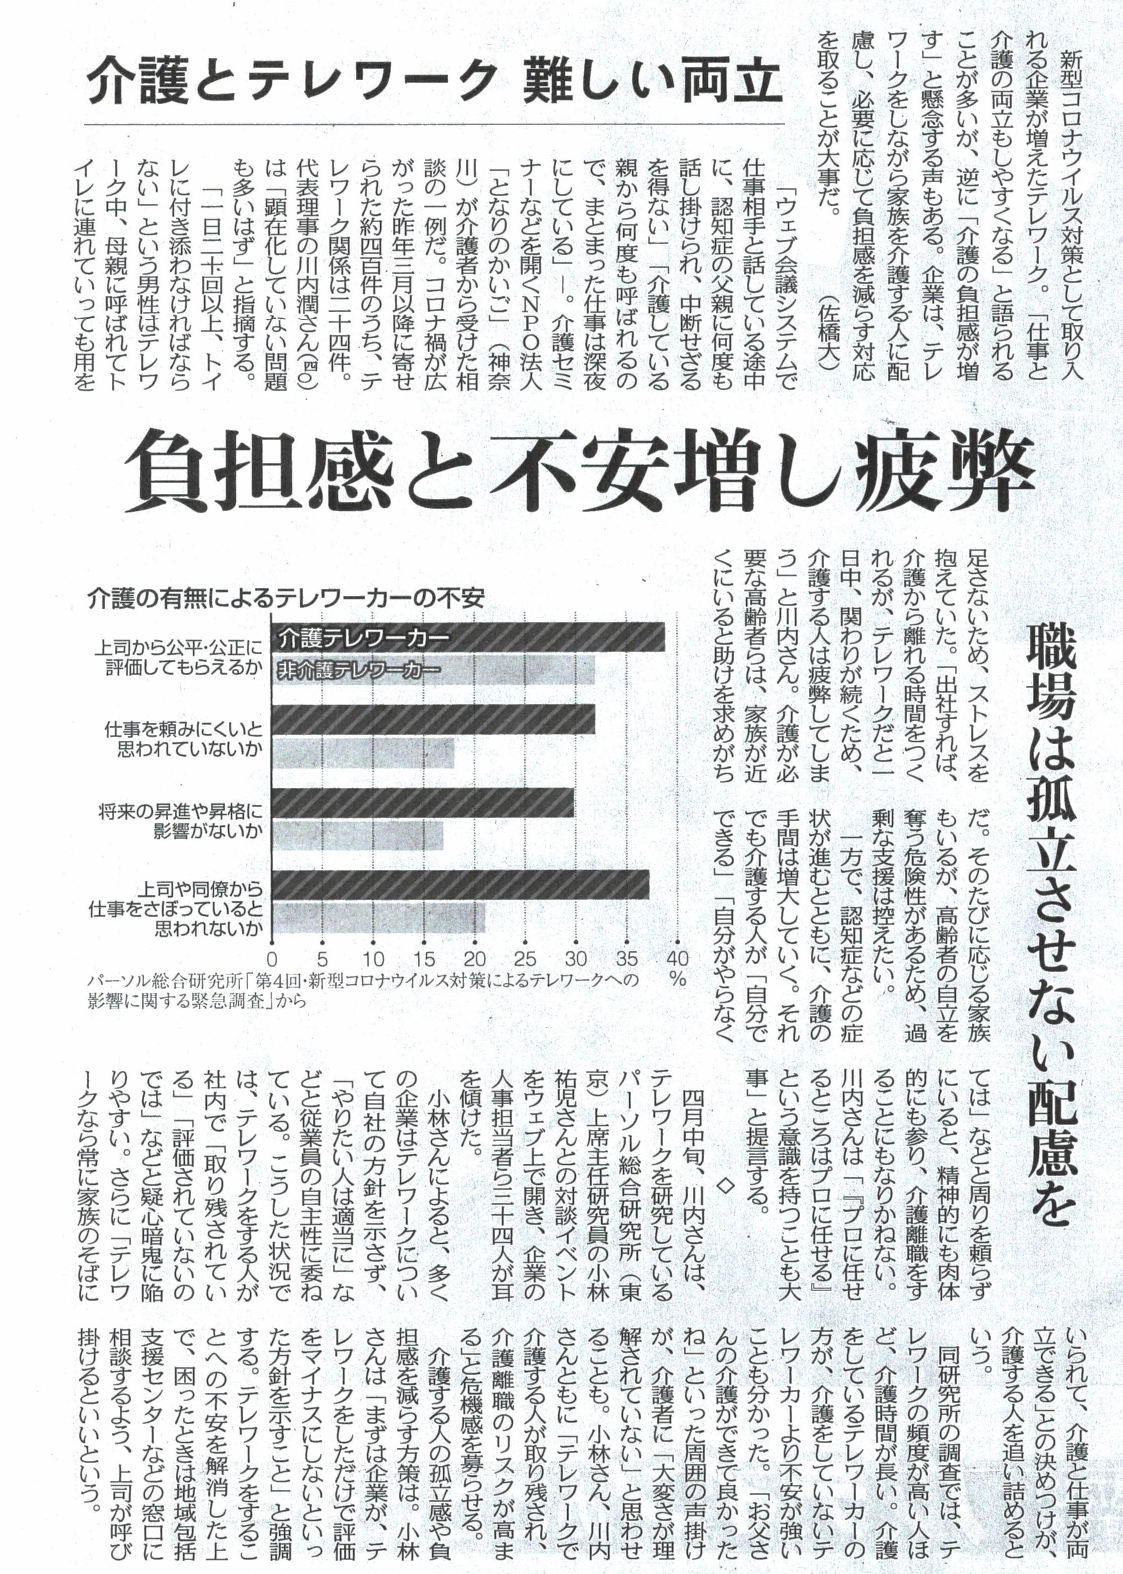 東京新聞「介護とテレワーク、難しい両立 職場は孤立させない配慮を」